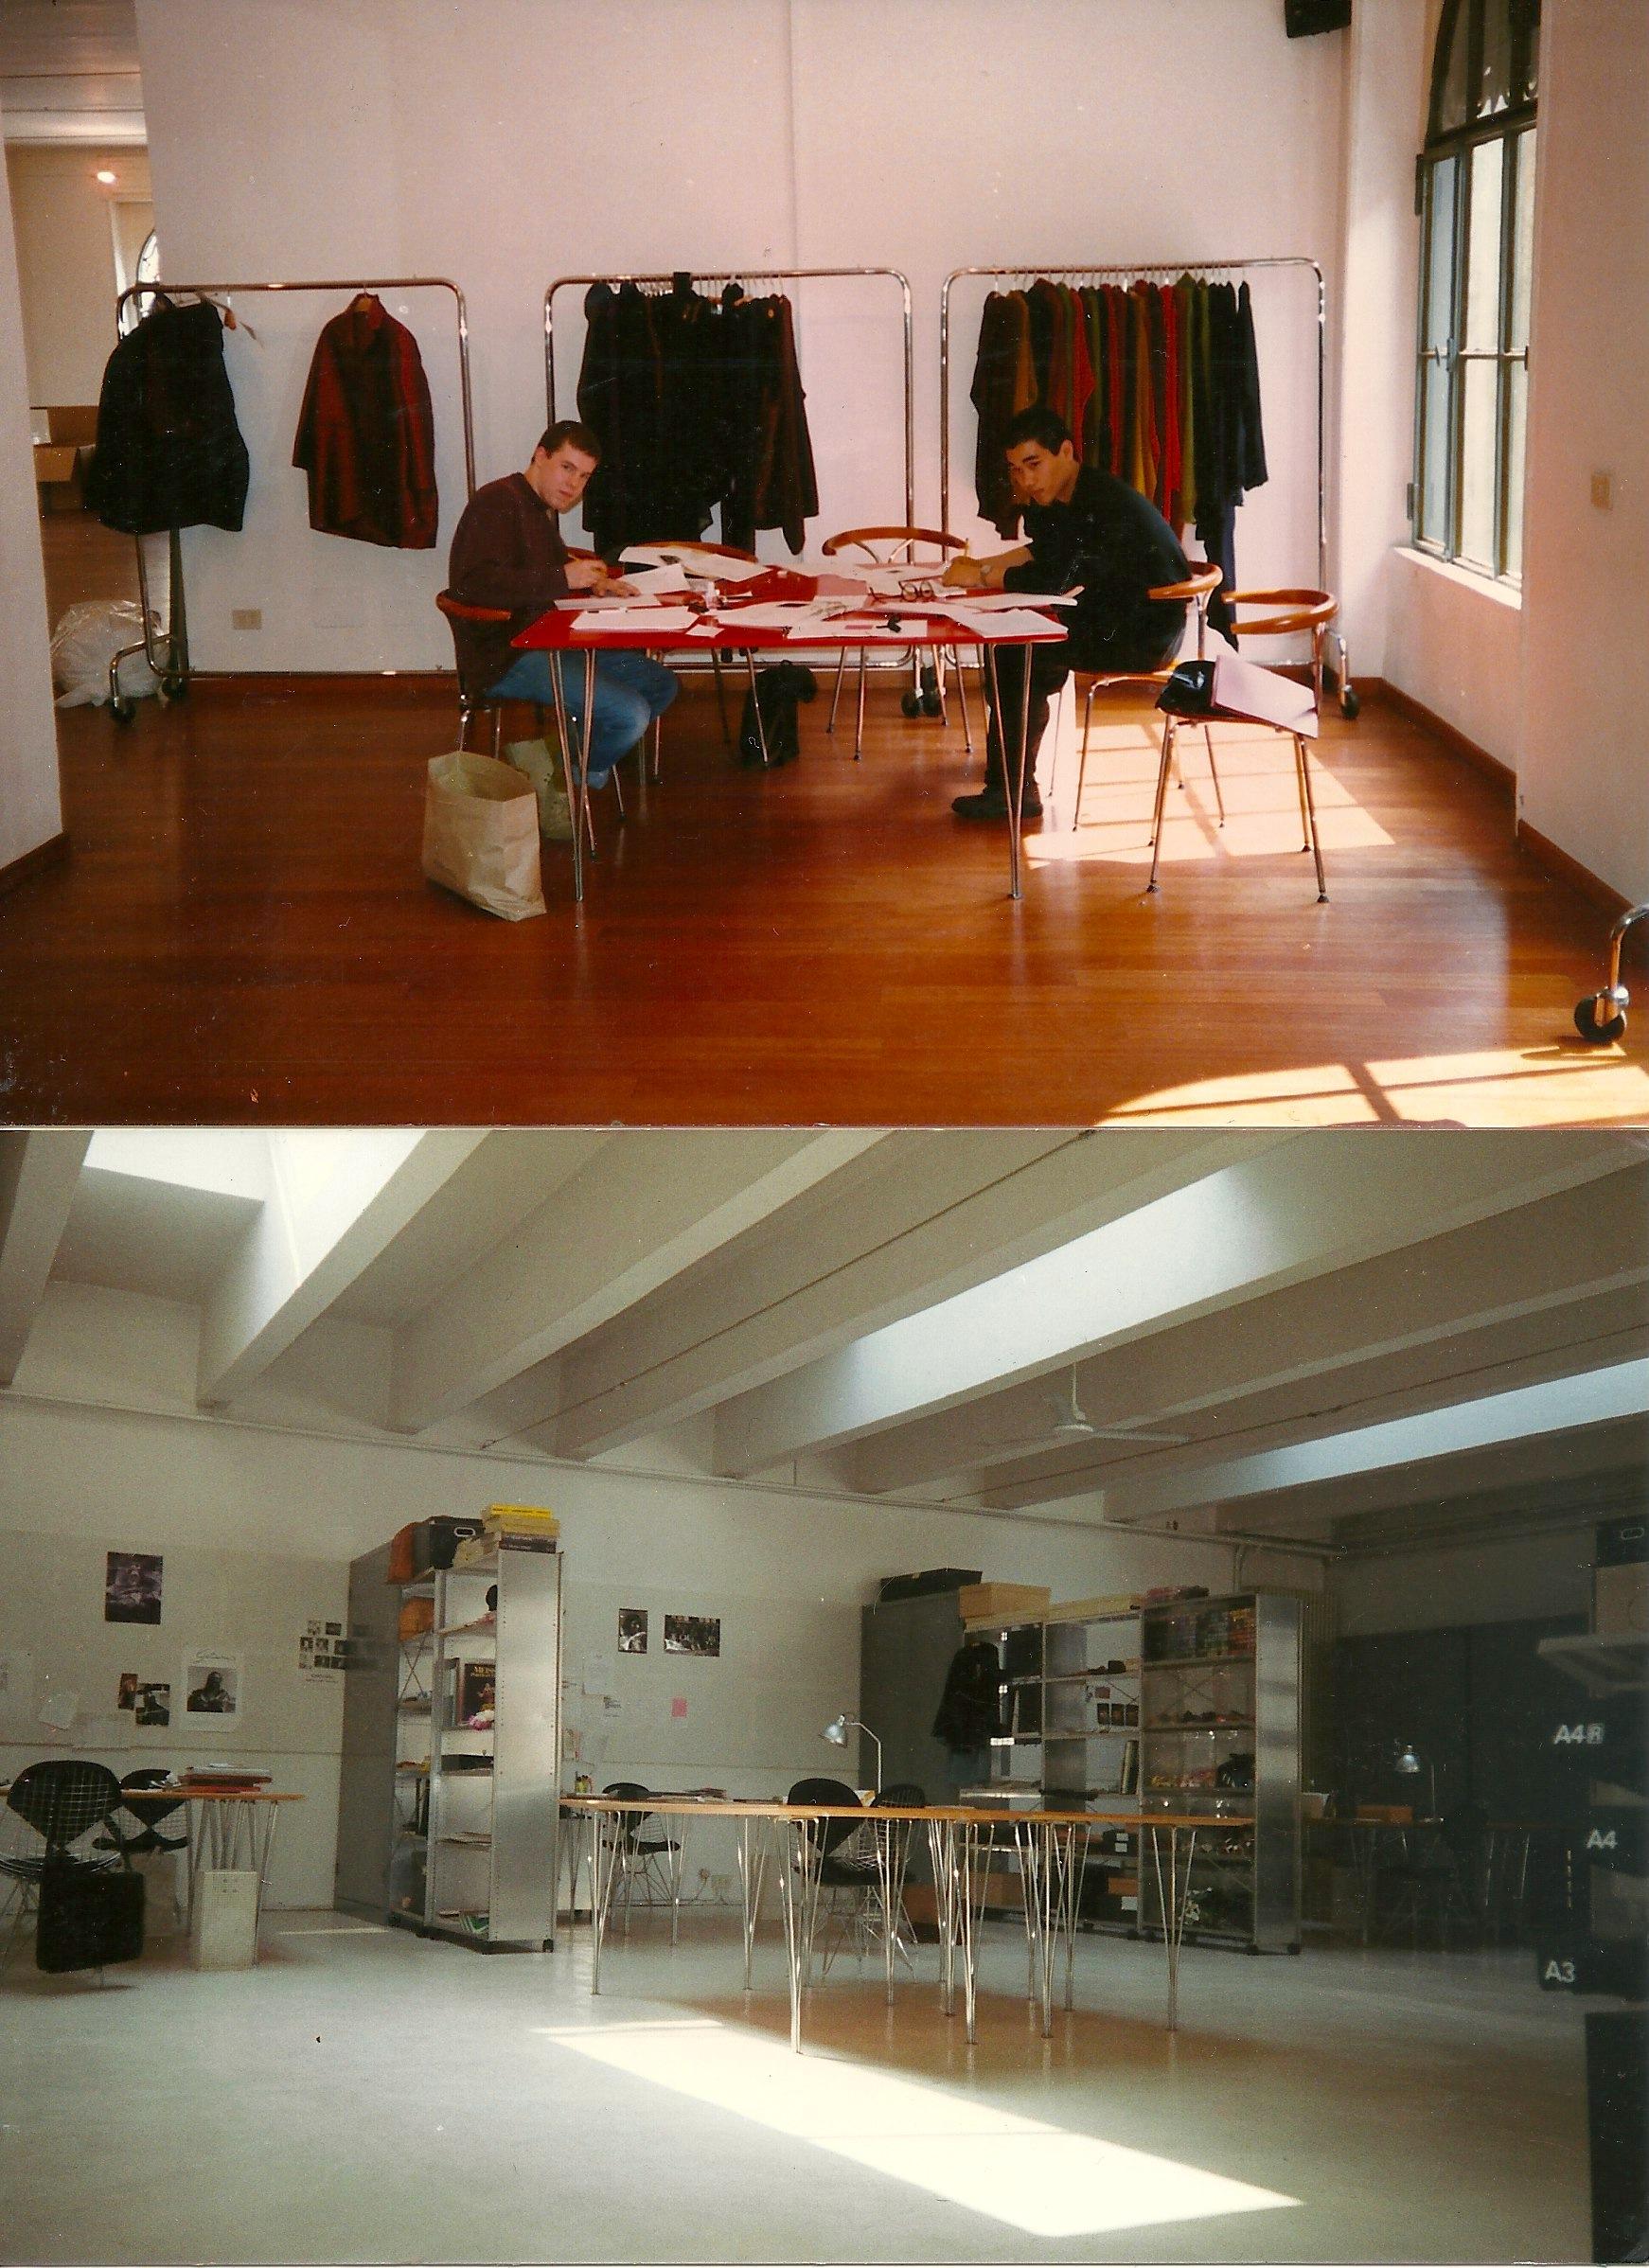 ROMEO GIGLI STUDIO, Corso Como 10, Milano, 1990